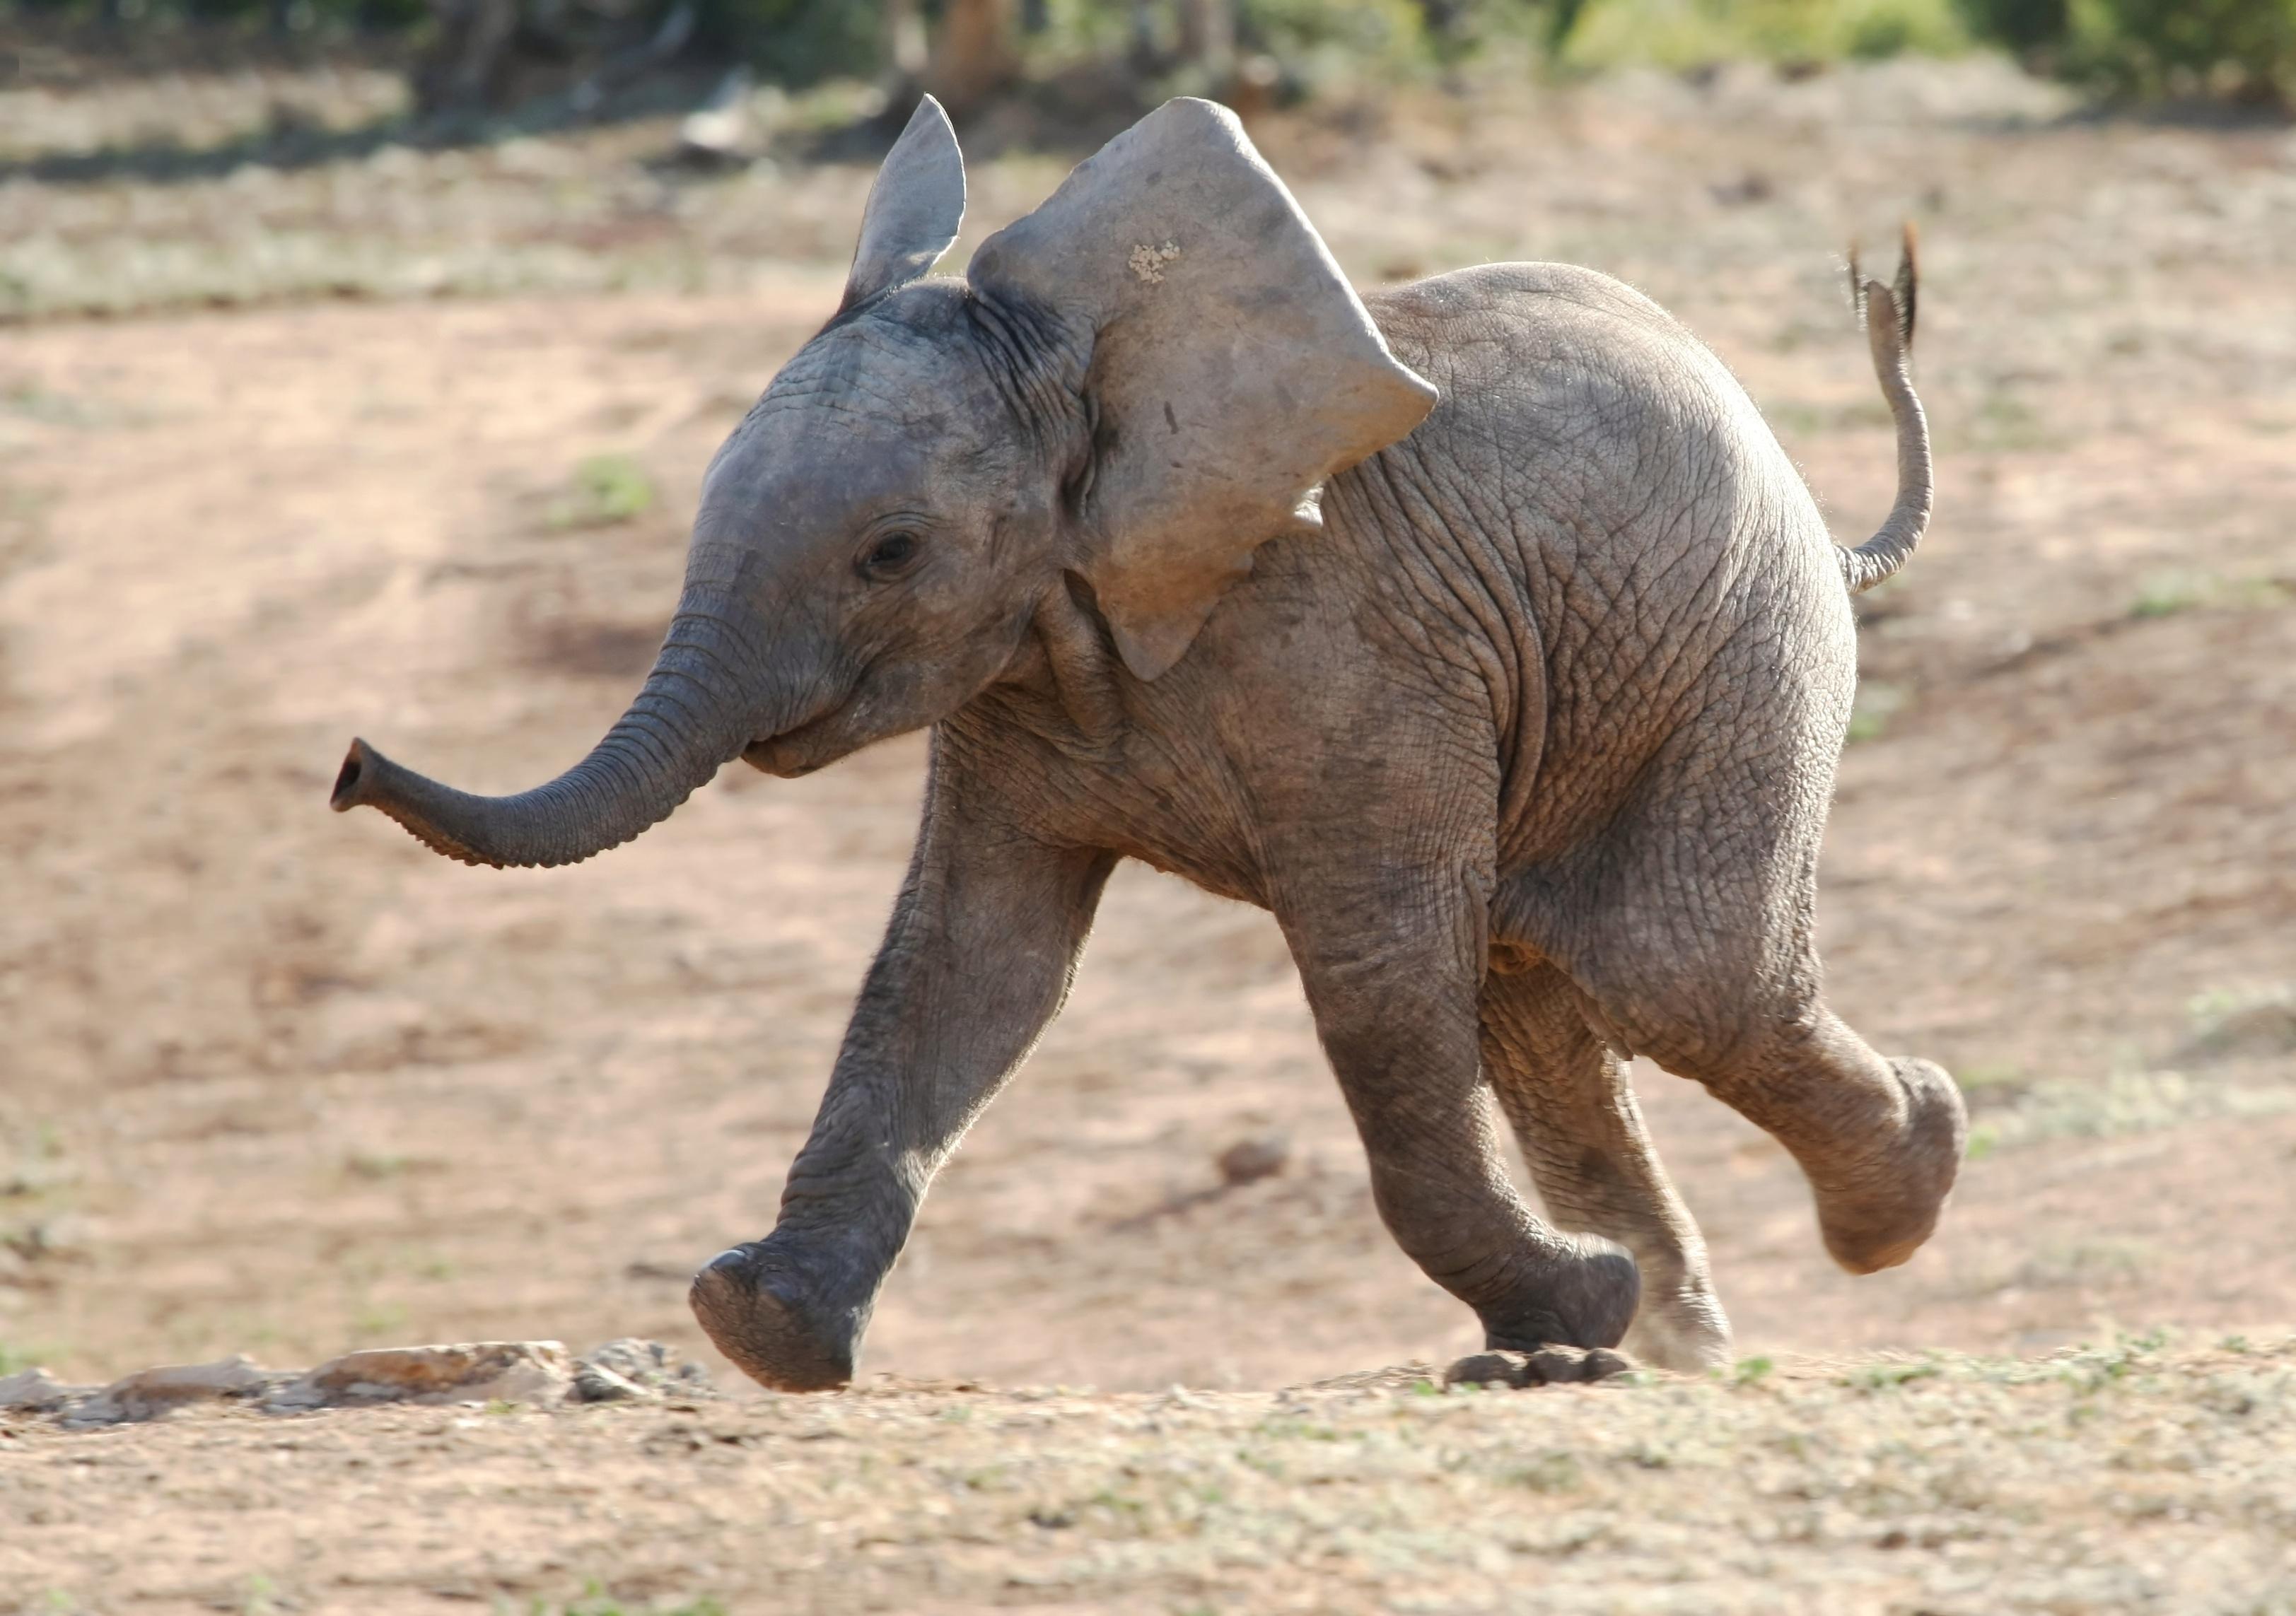 elephant baby elephant baby elephant wallpaper elephant elephant 3247x2286